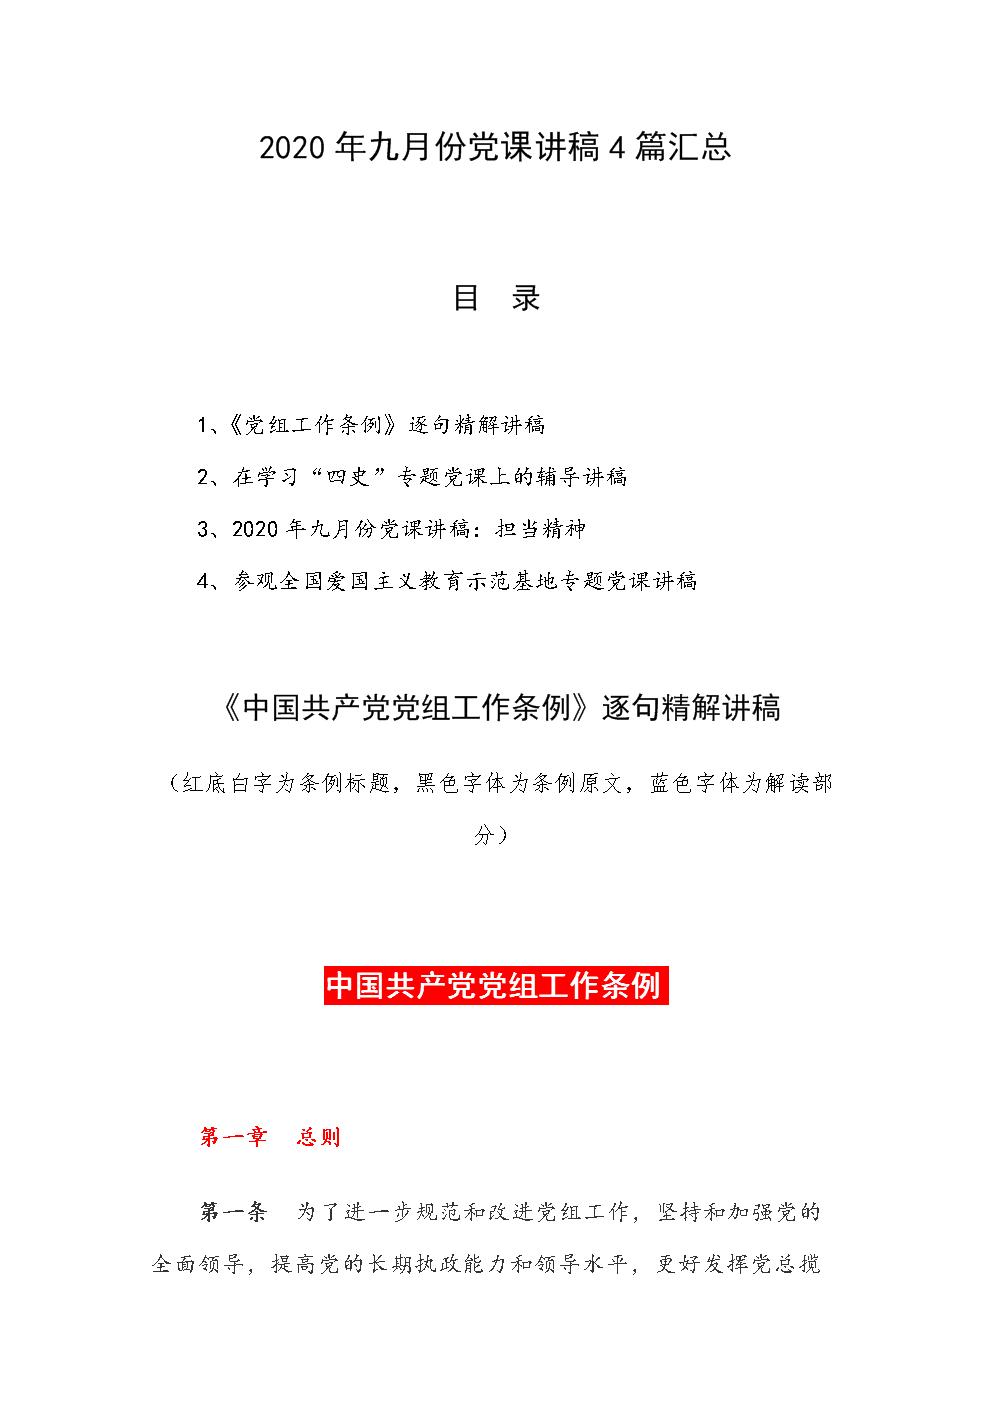 2020年九月份党课讲稿4篇汇总.docx